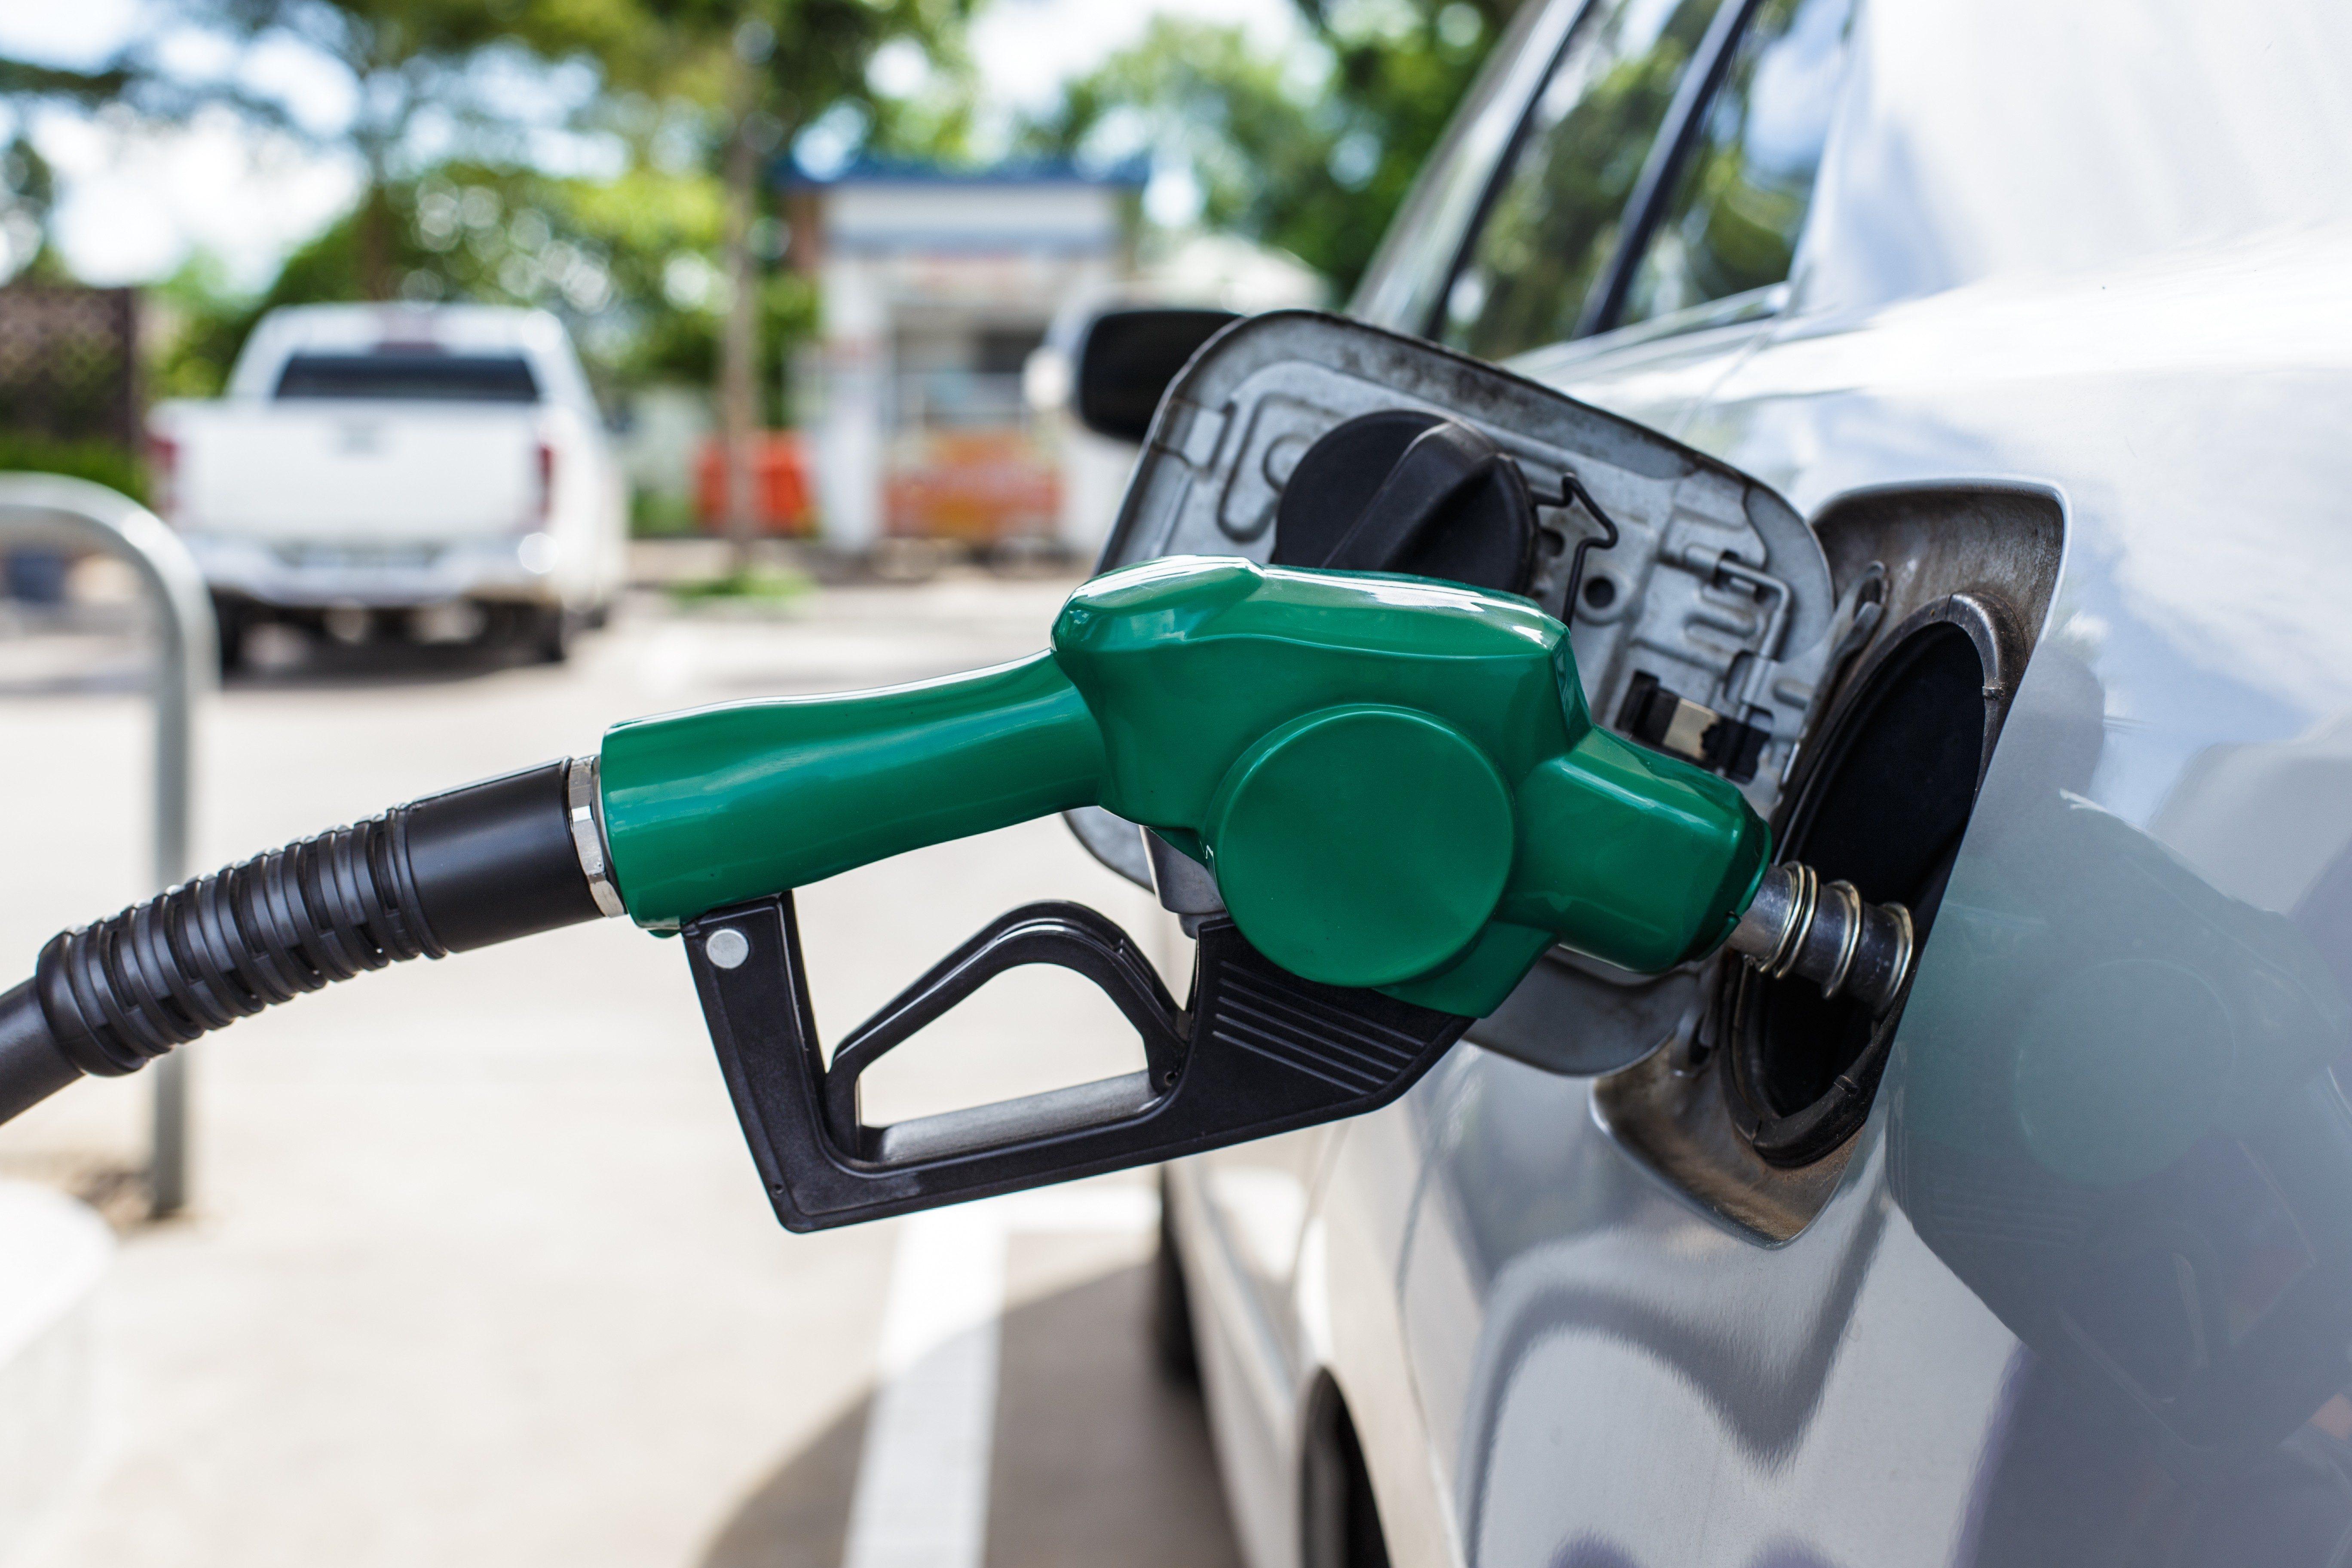 La voiture SMART est-elle plus économique que les autres voitures sur le marché?